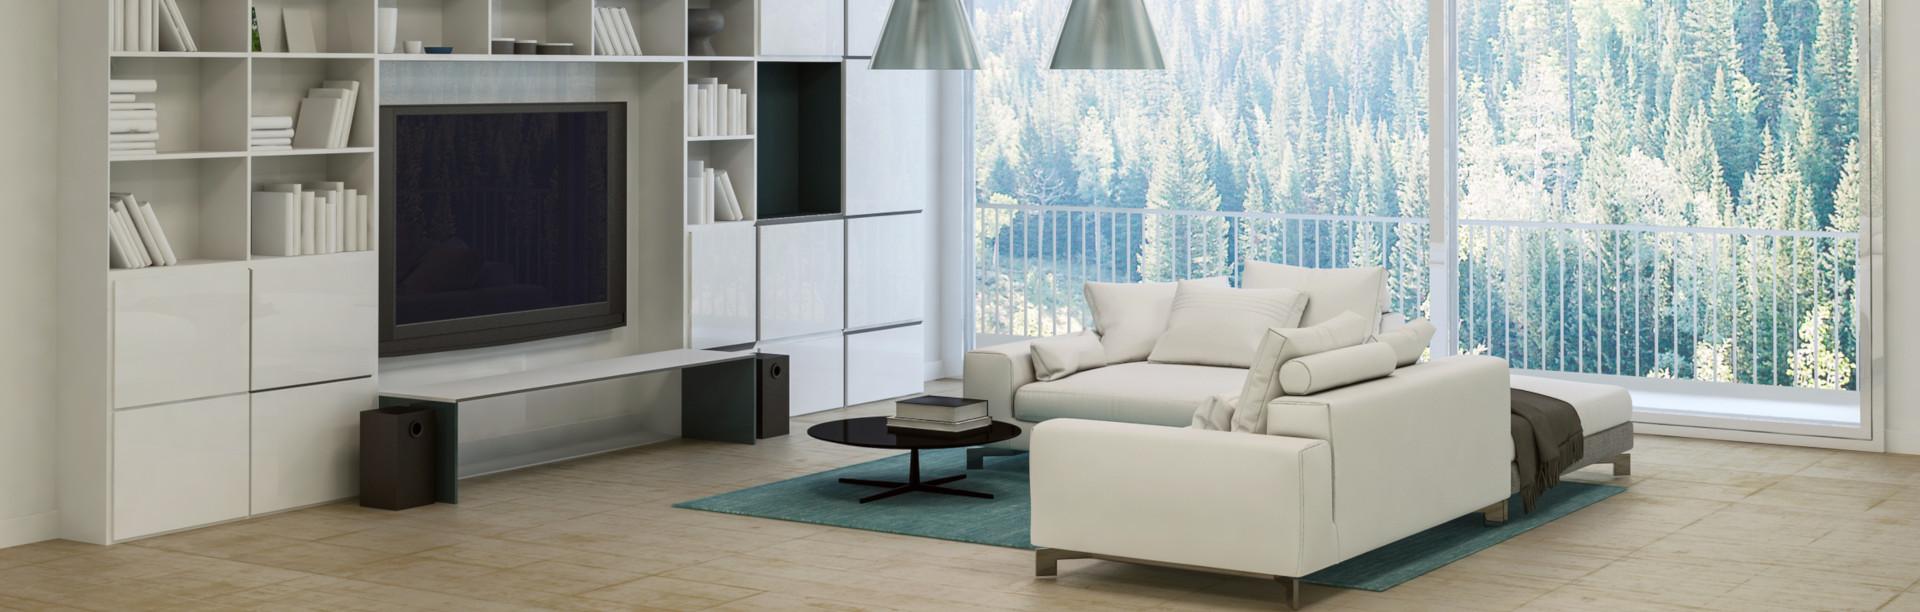 Wohnzimmer Regalsystem nach Maß planen